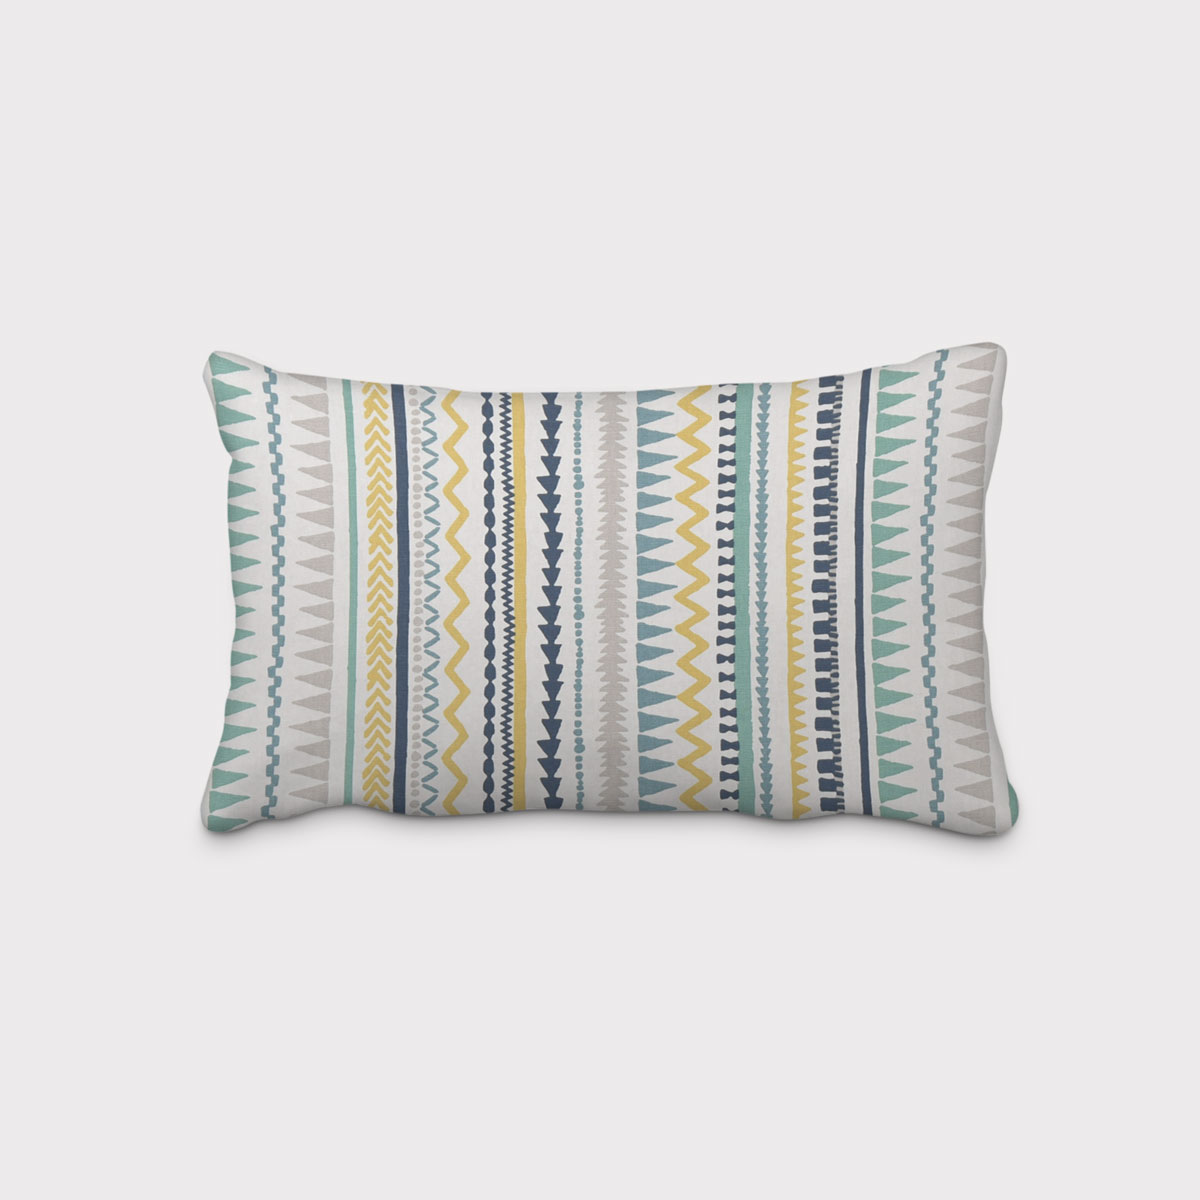 SCHÖNER LEBEN. Kissenhülle Streifen Ethno Inka weiß grau blau gelb verschiedene Größen